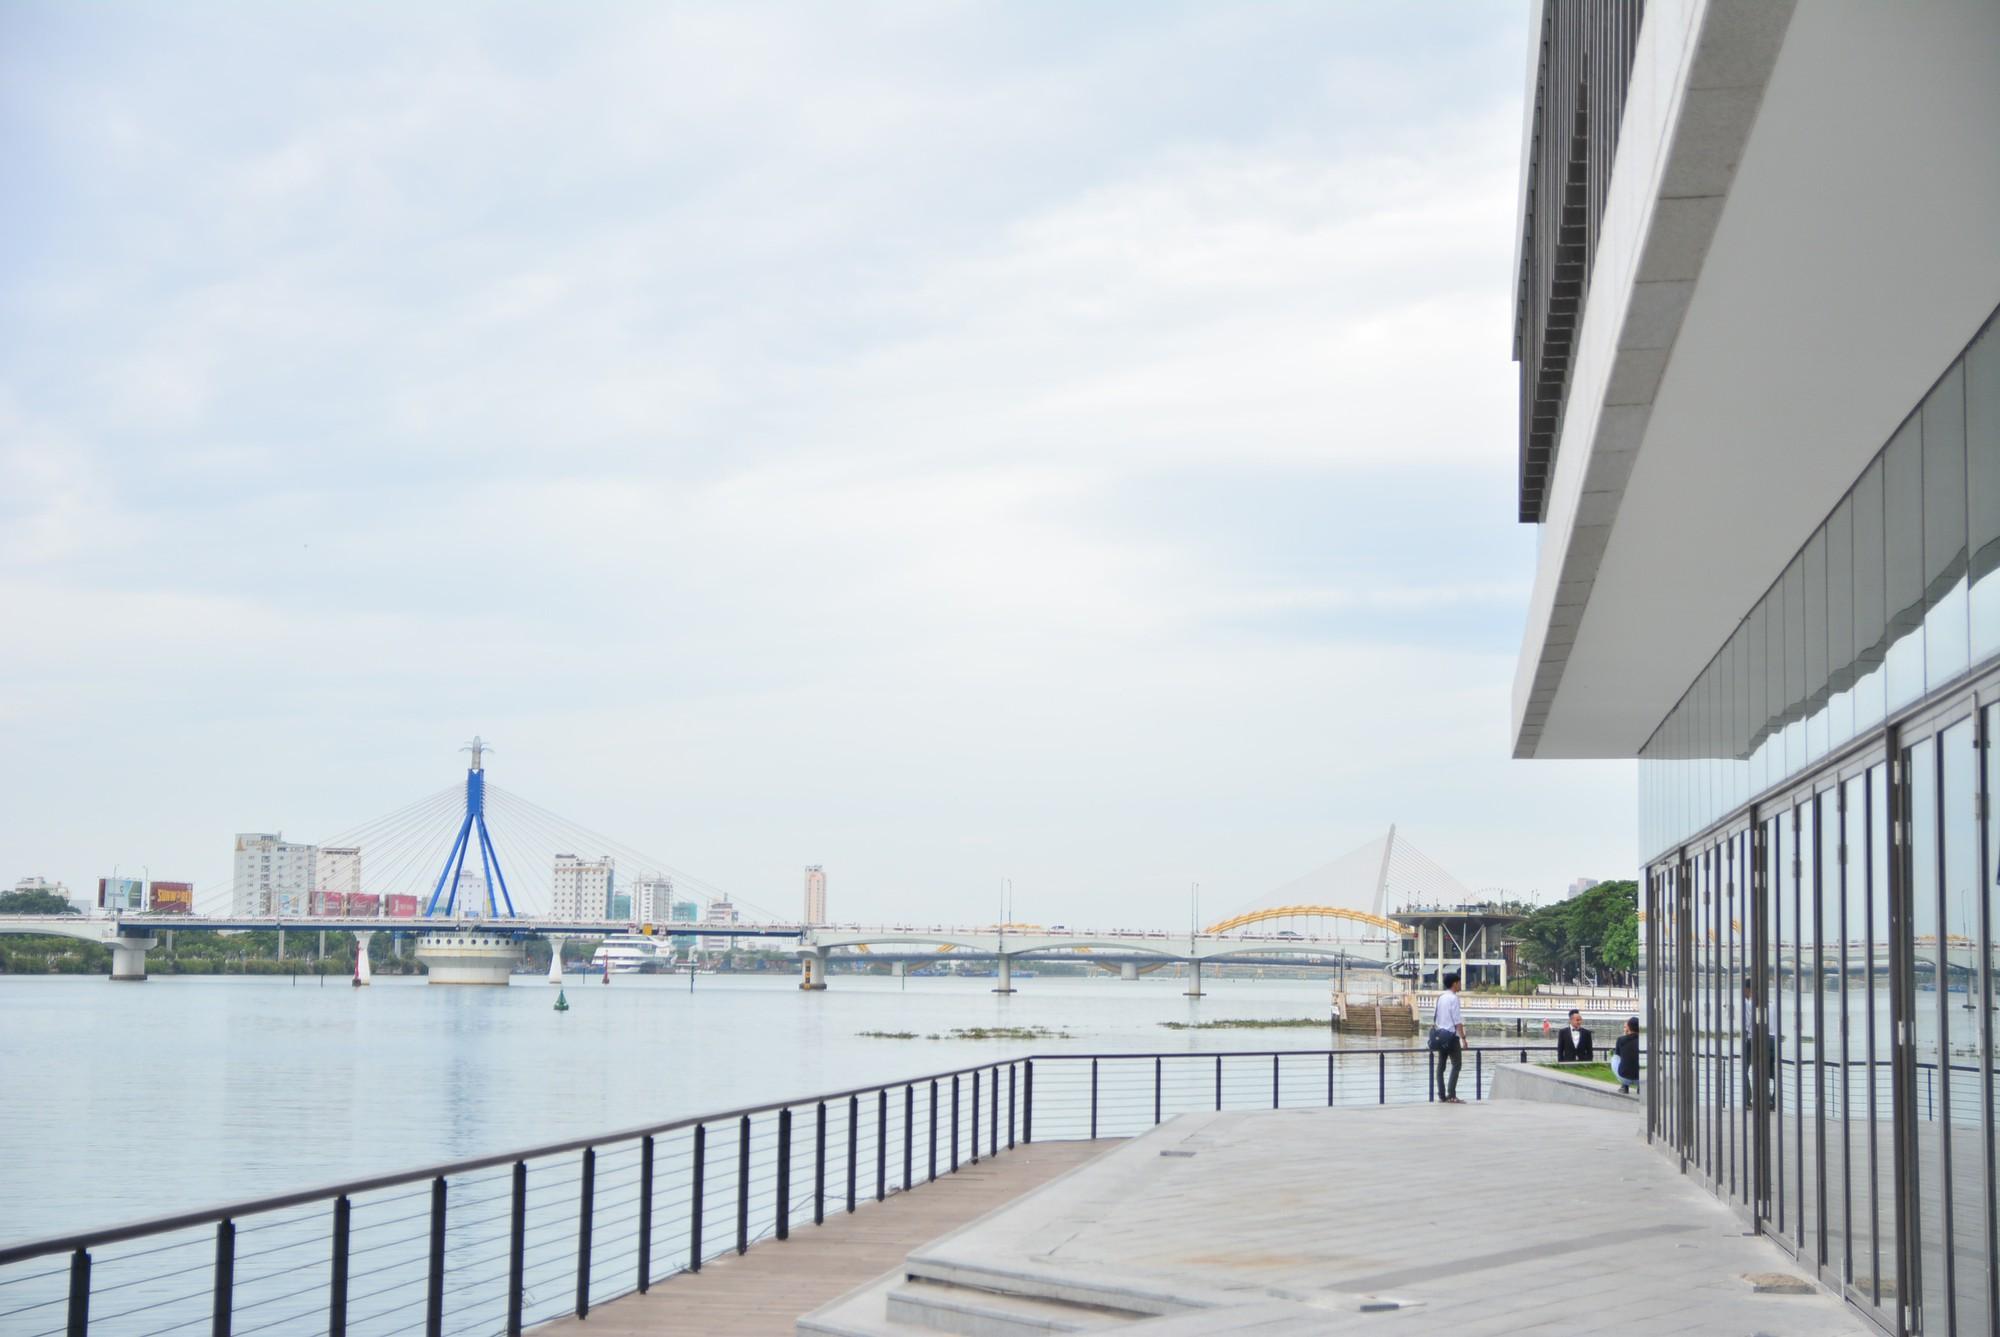 Vụ tạm dừng dự án Marina Complex ở Đà Nẵng: Cận cảnh những công trình, dự án dọc hai bờ sông Hàn hiện nay - Ảnh 17.